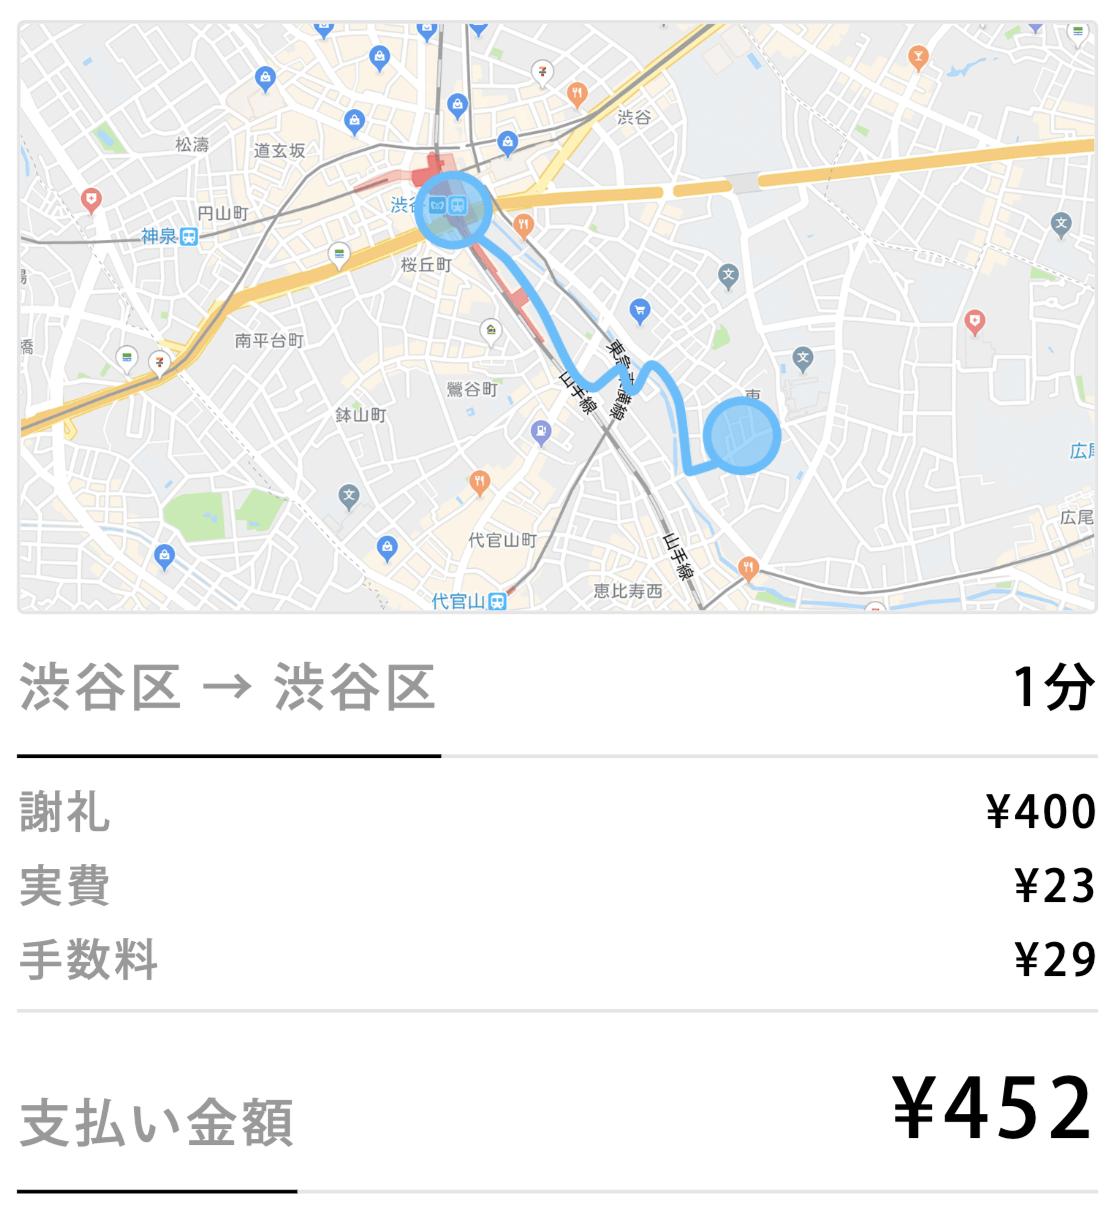 スクリーンショット 2019-06-12 17.12.33.png